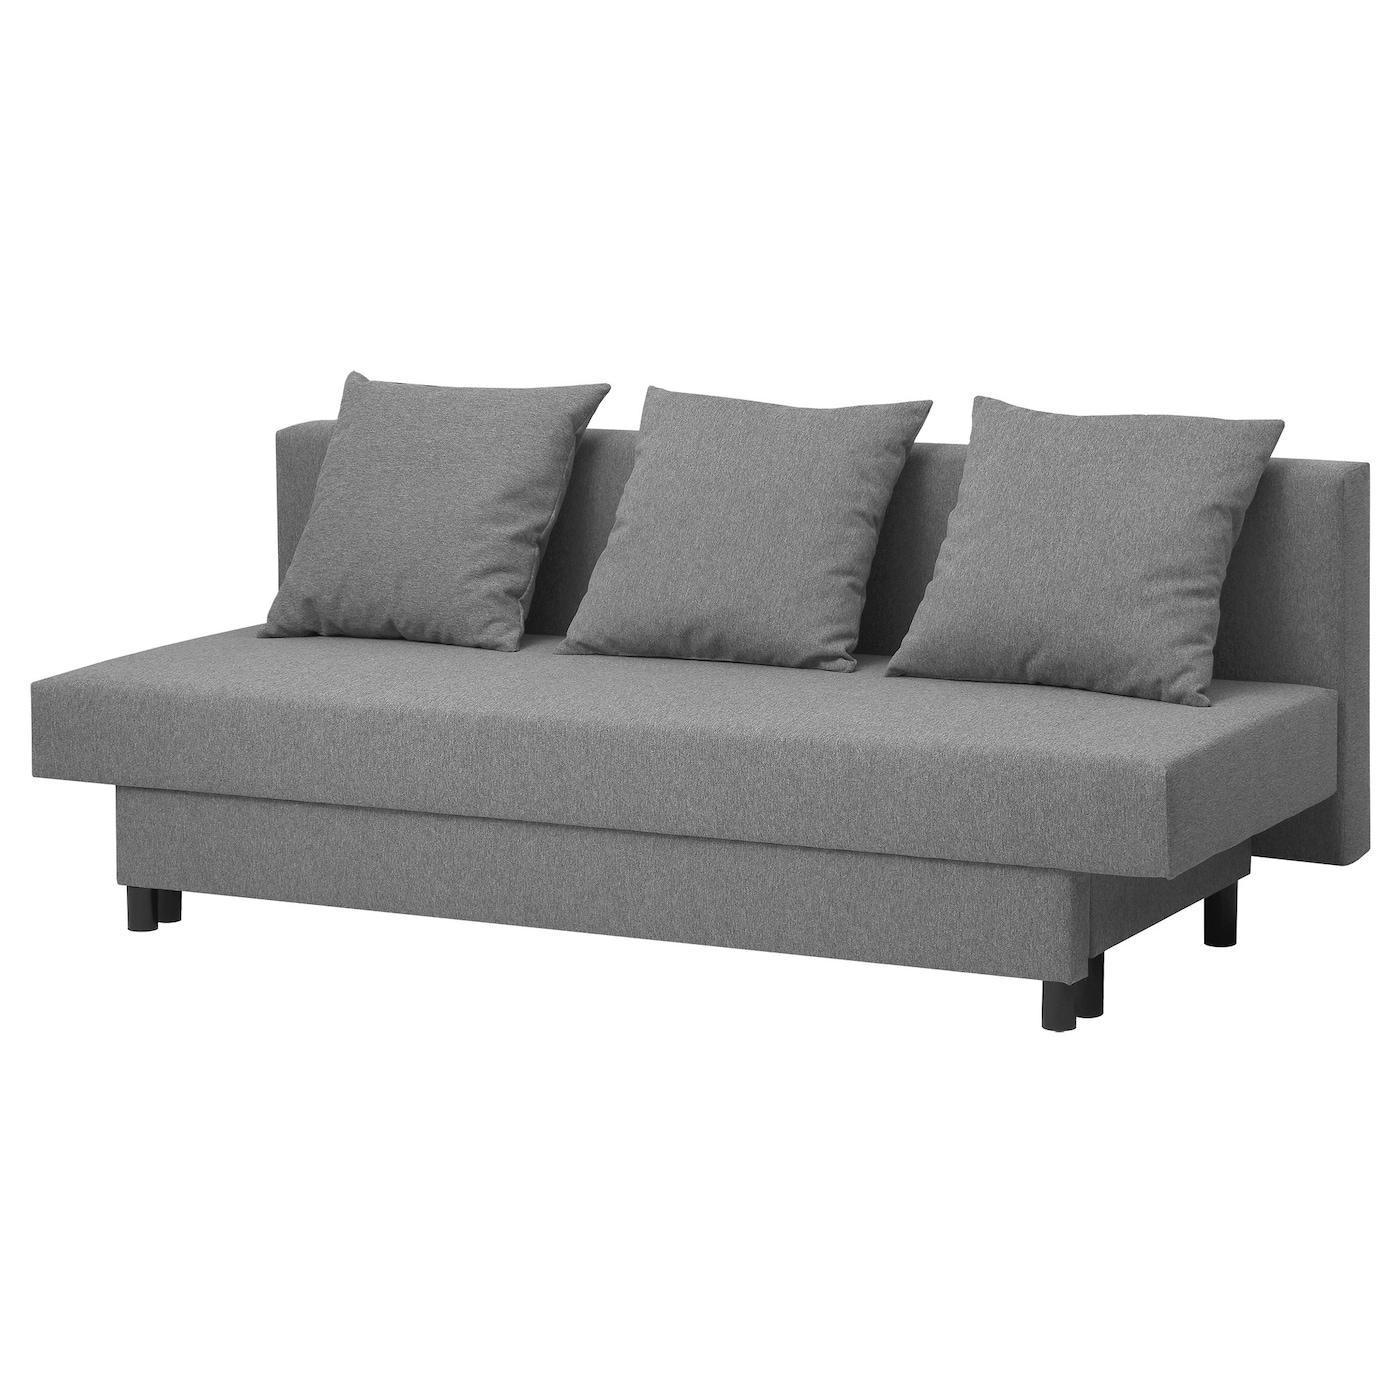 Asarum sof cama 3 plazas gris ikea - Mejor sofa cama ...